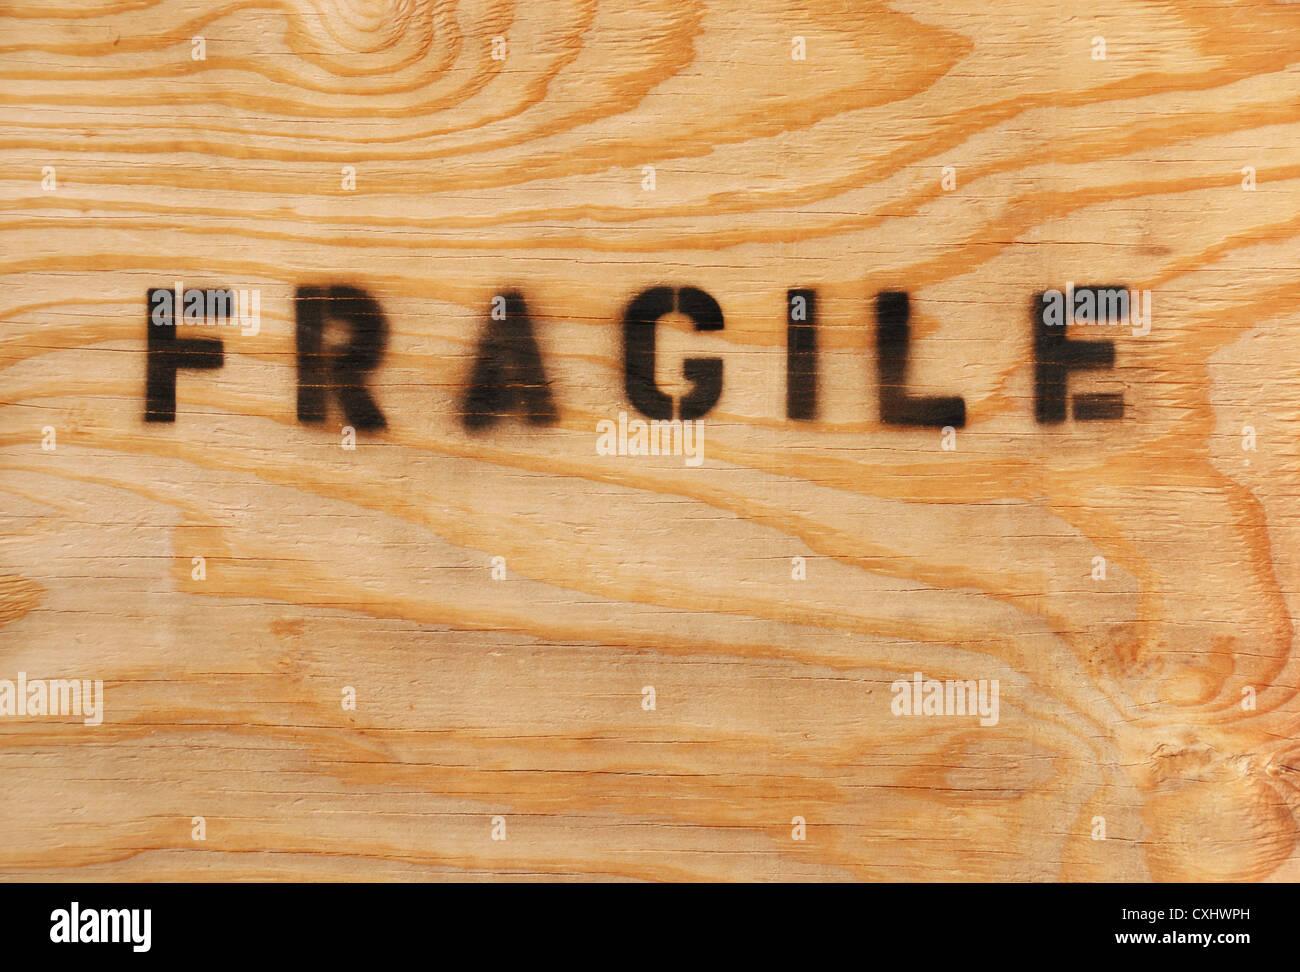 Fragile stampata sulla spedizione cassa di imballaggio Immagini Stock